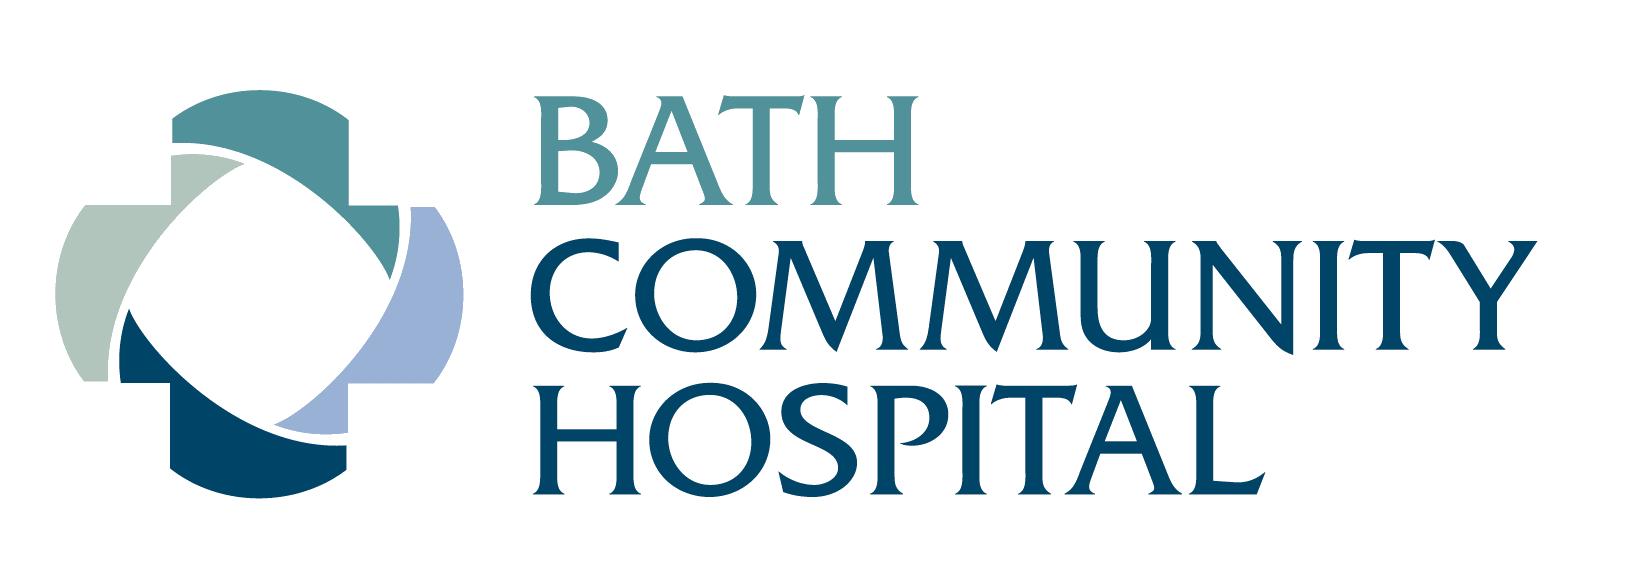 Bath Community Hospital